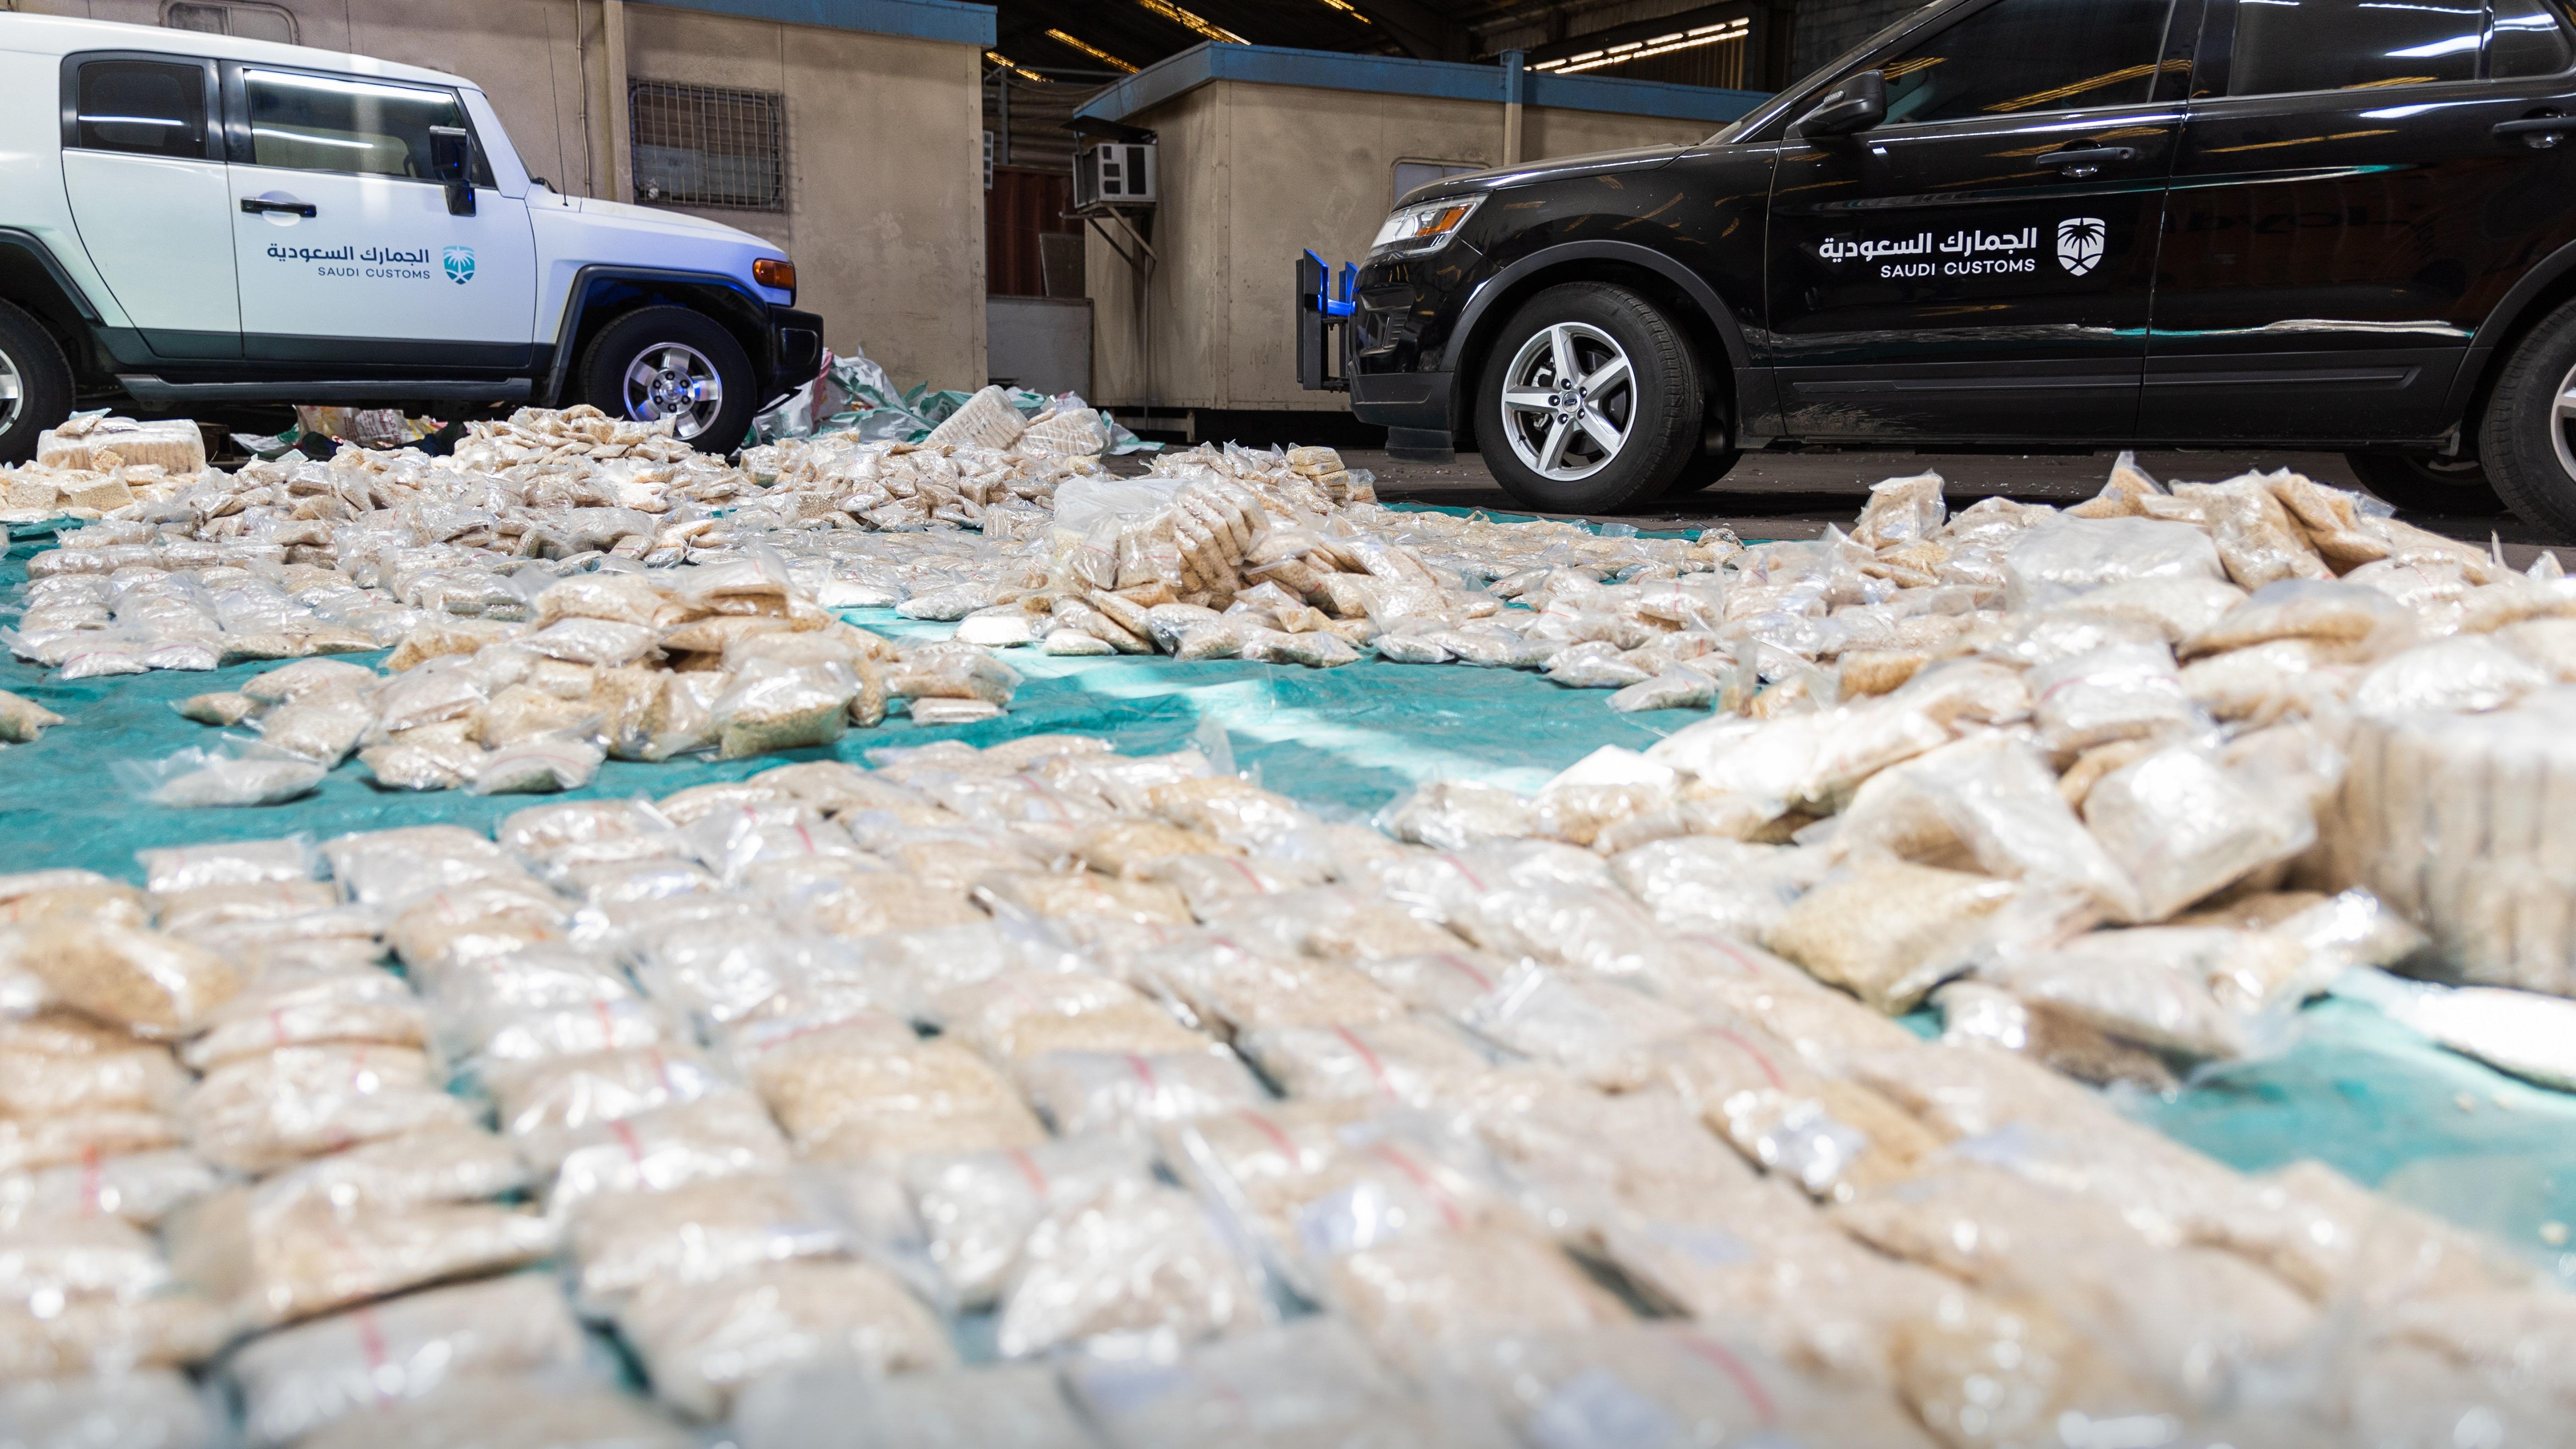 حبوب الكبتاغون التي صادرتها هيئة الزكاة والضريبة والجمارك في ميناء جدة الإسلامي